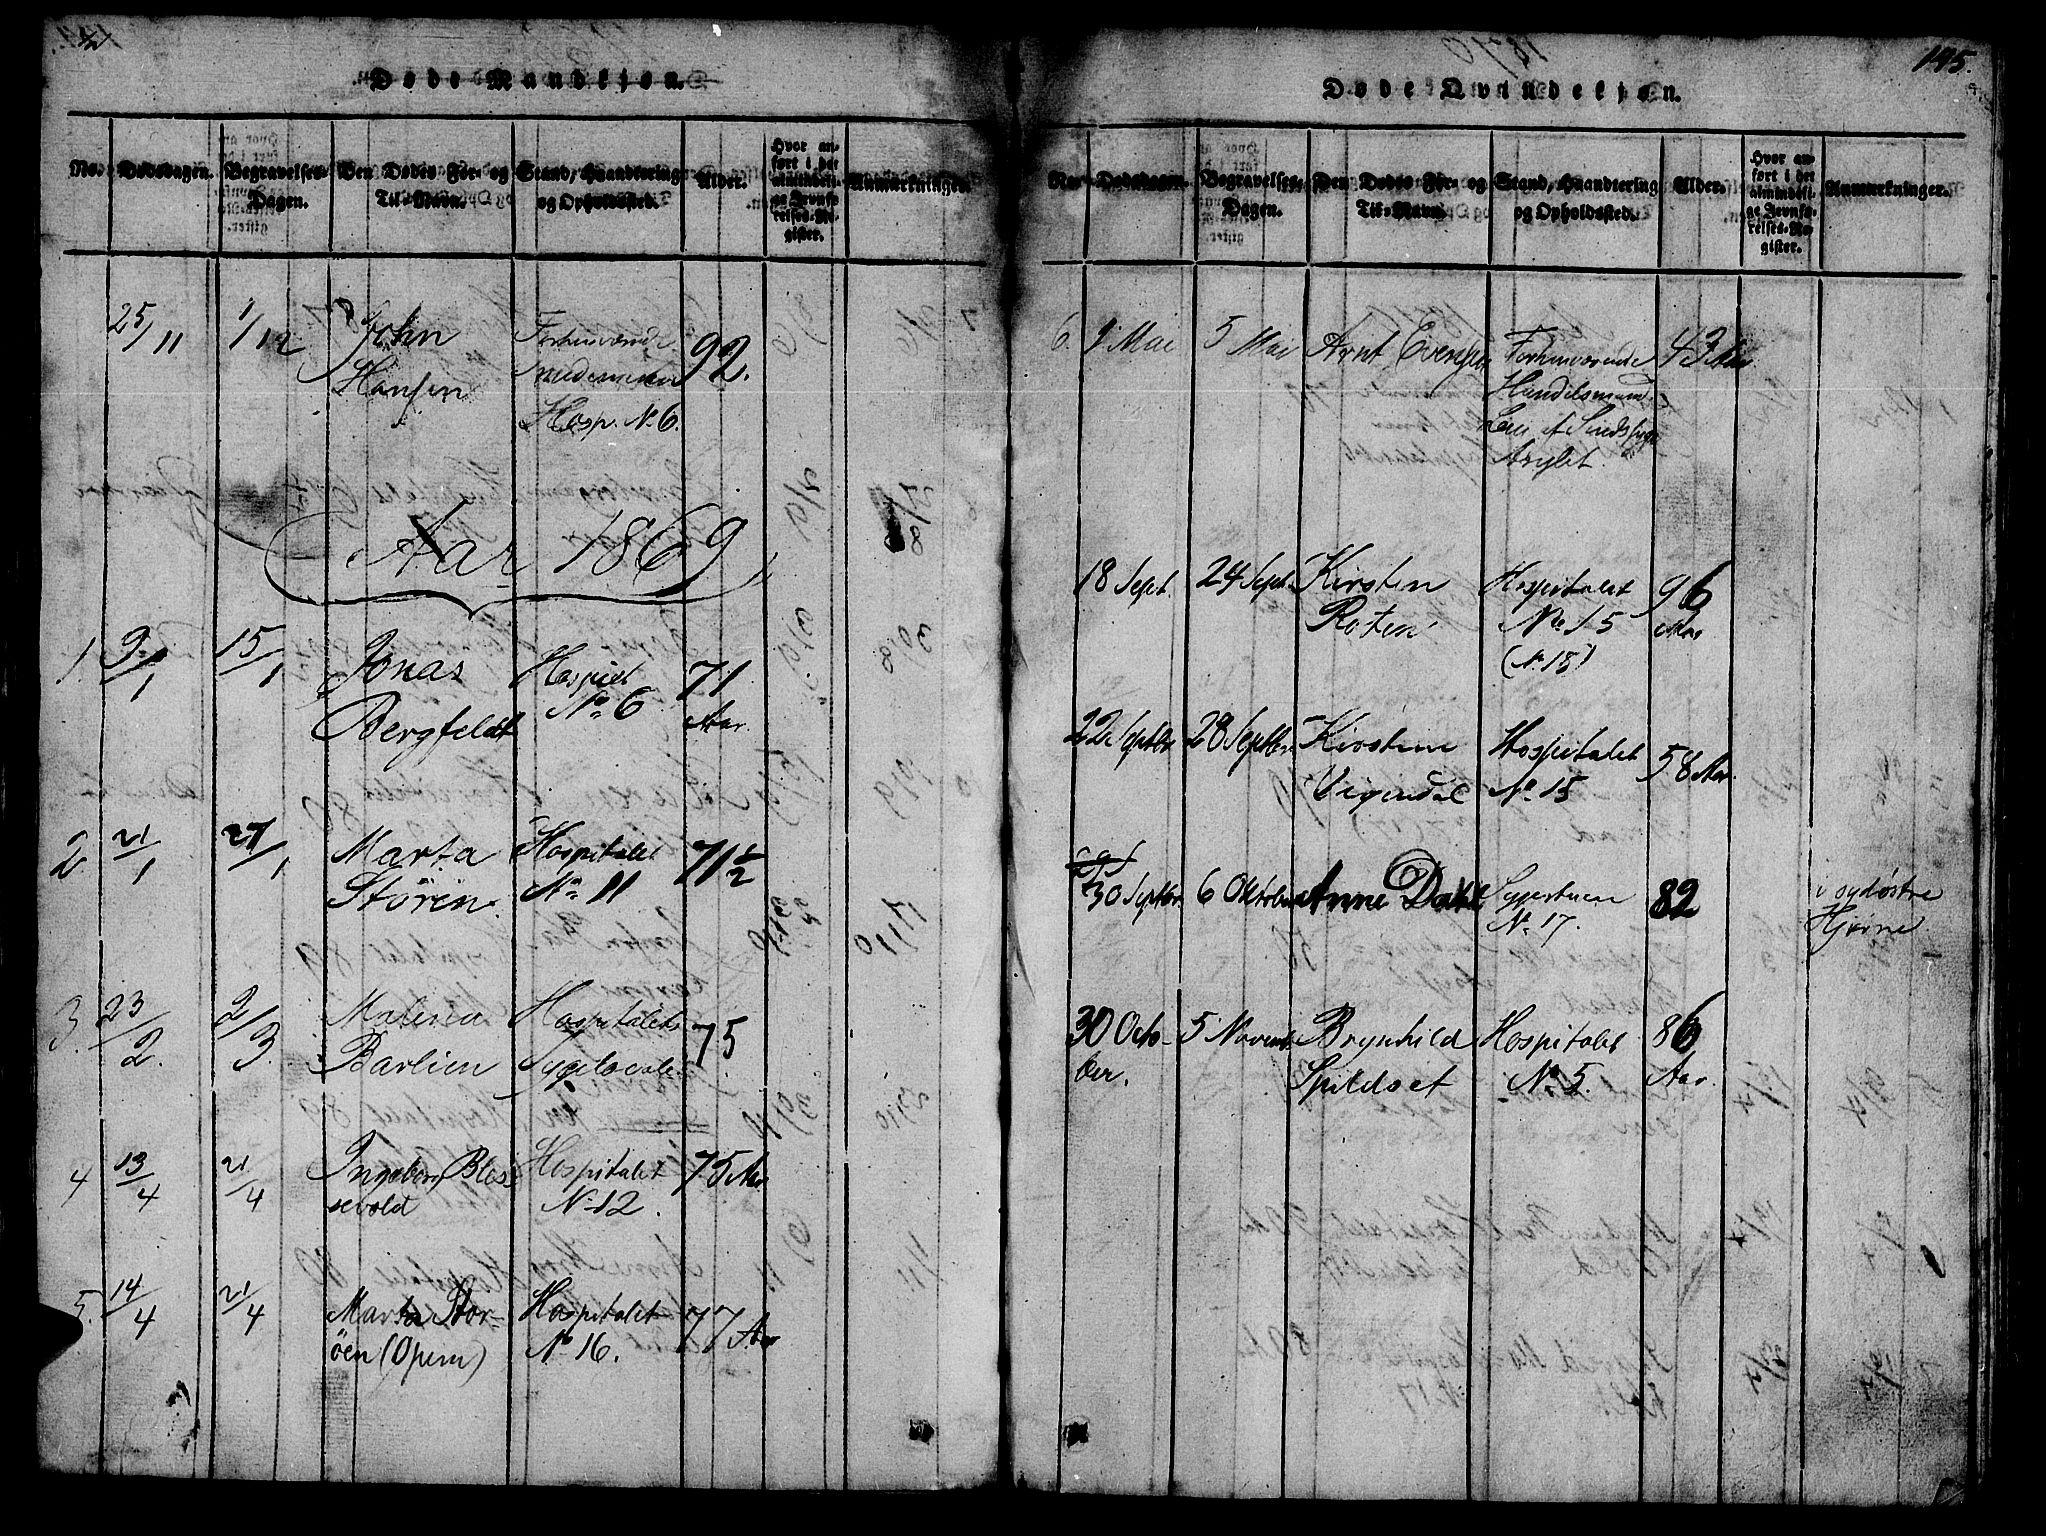 SAT, Ministerialprotokoller, klokkerbøker og fødselsregistre - Sør-Trøndelag, 623/L0478: Klokkerbok nr. 623C01, 1815-1873, s. 145